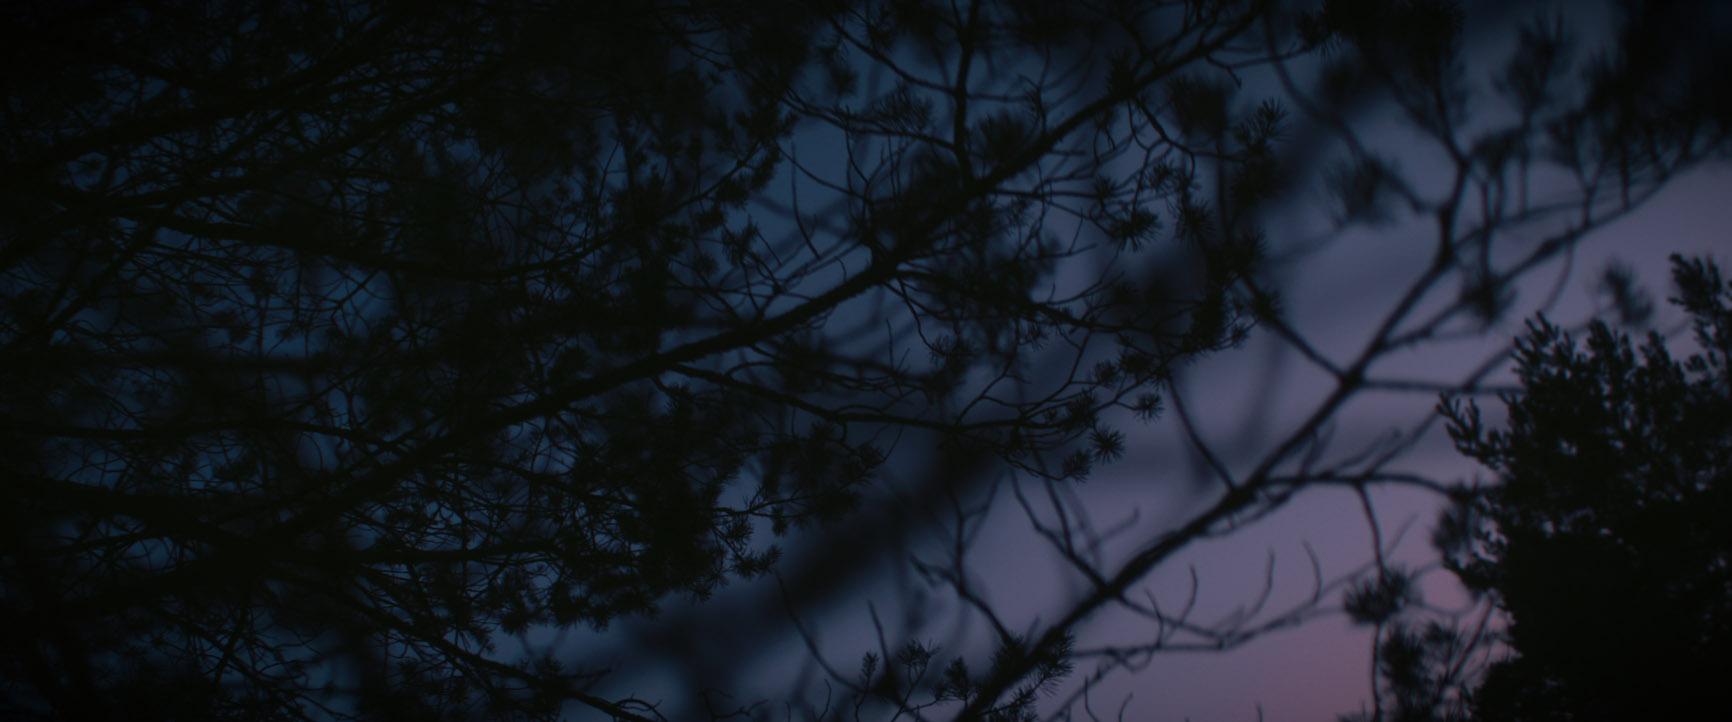 Lila Sonnenuntergang Bäume Musikvideo zum Lied Rosengarten